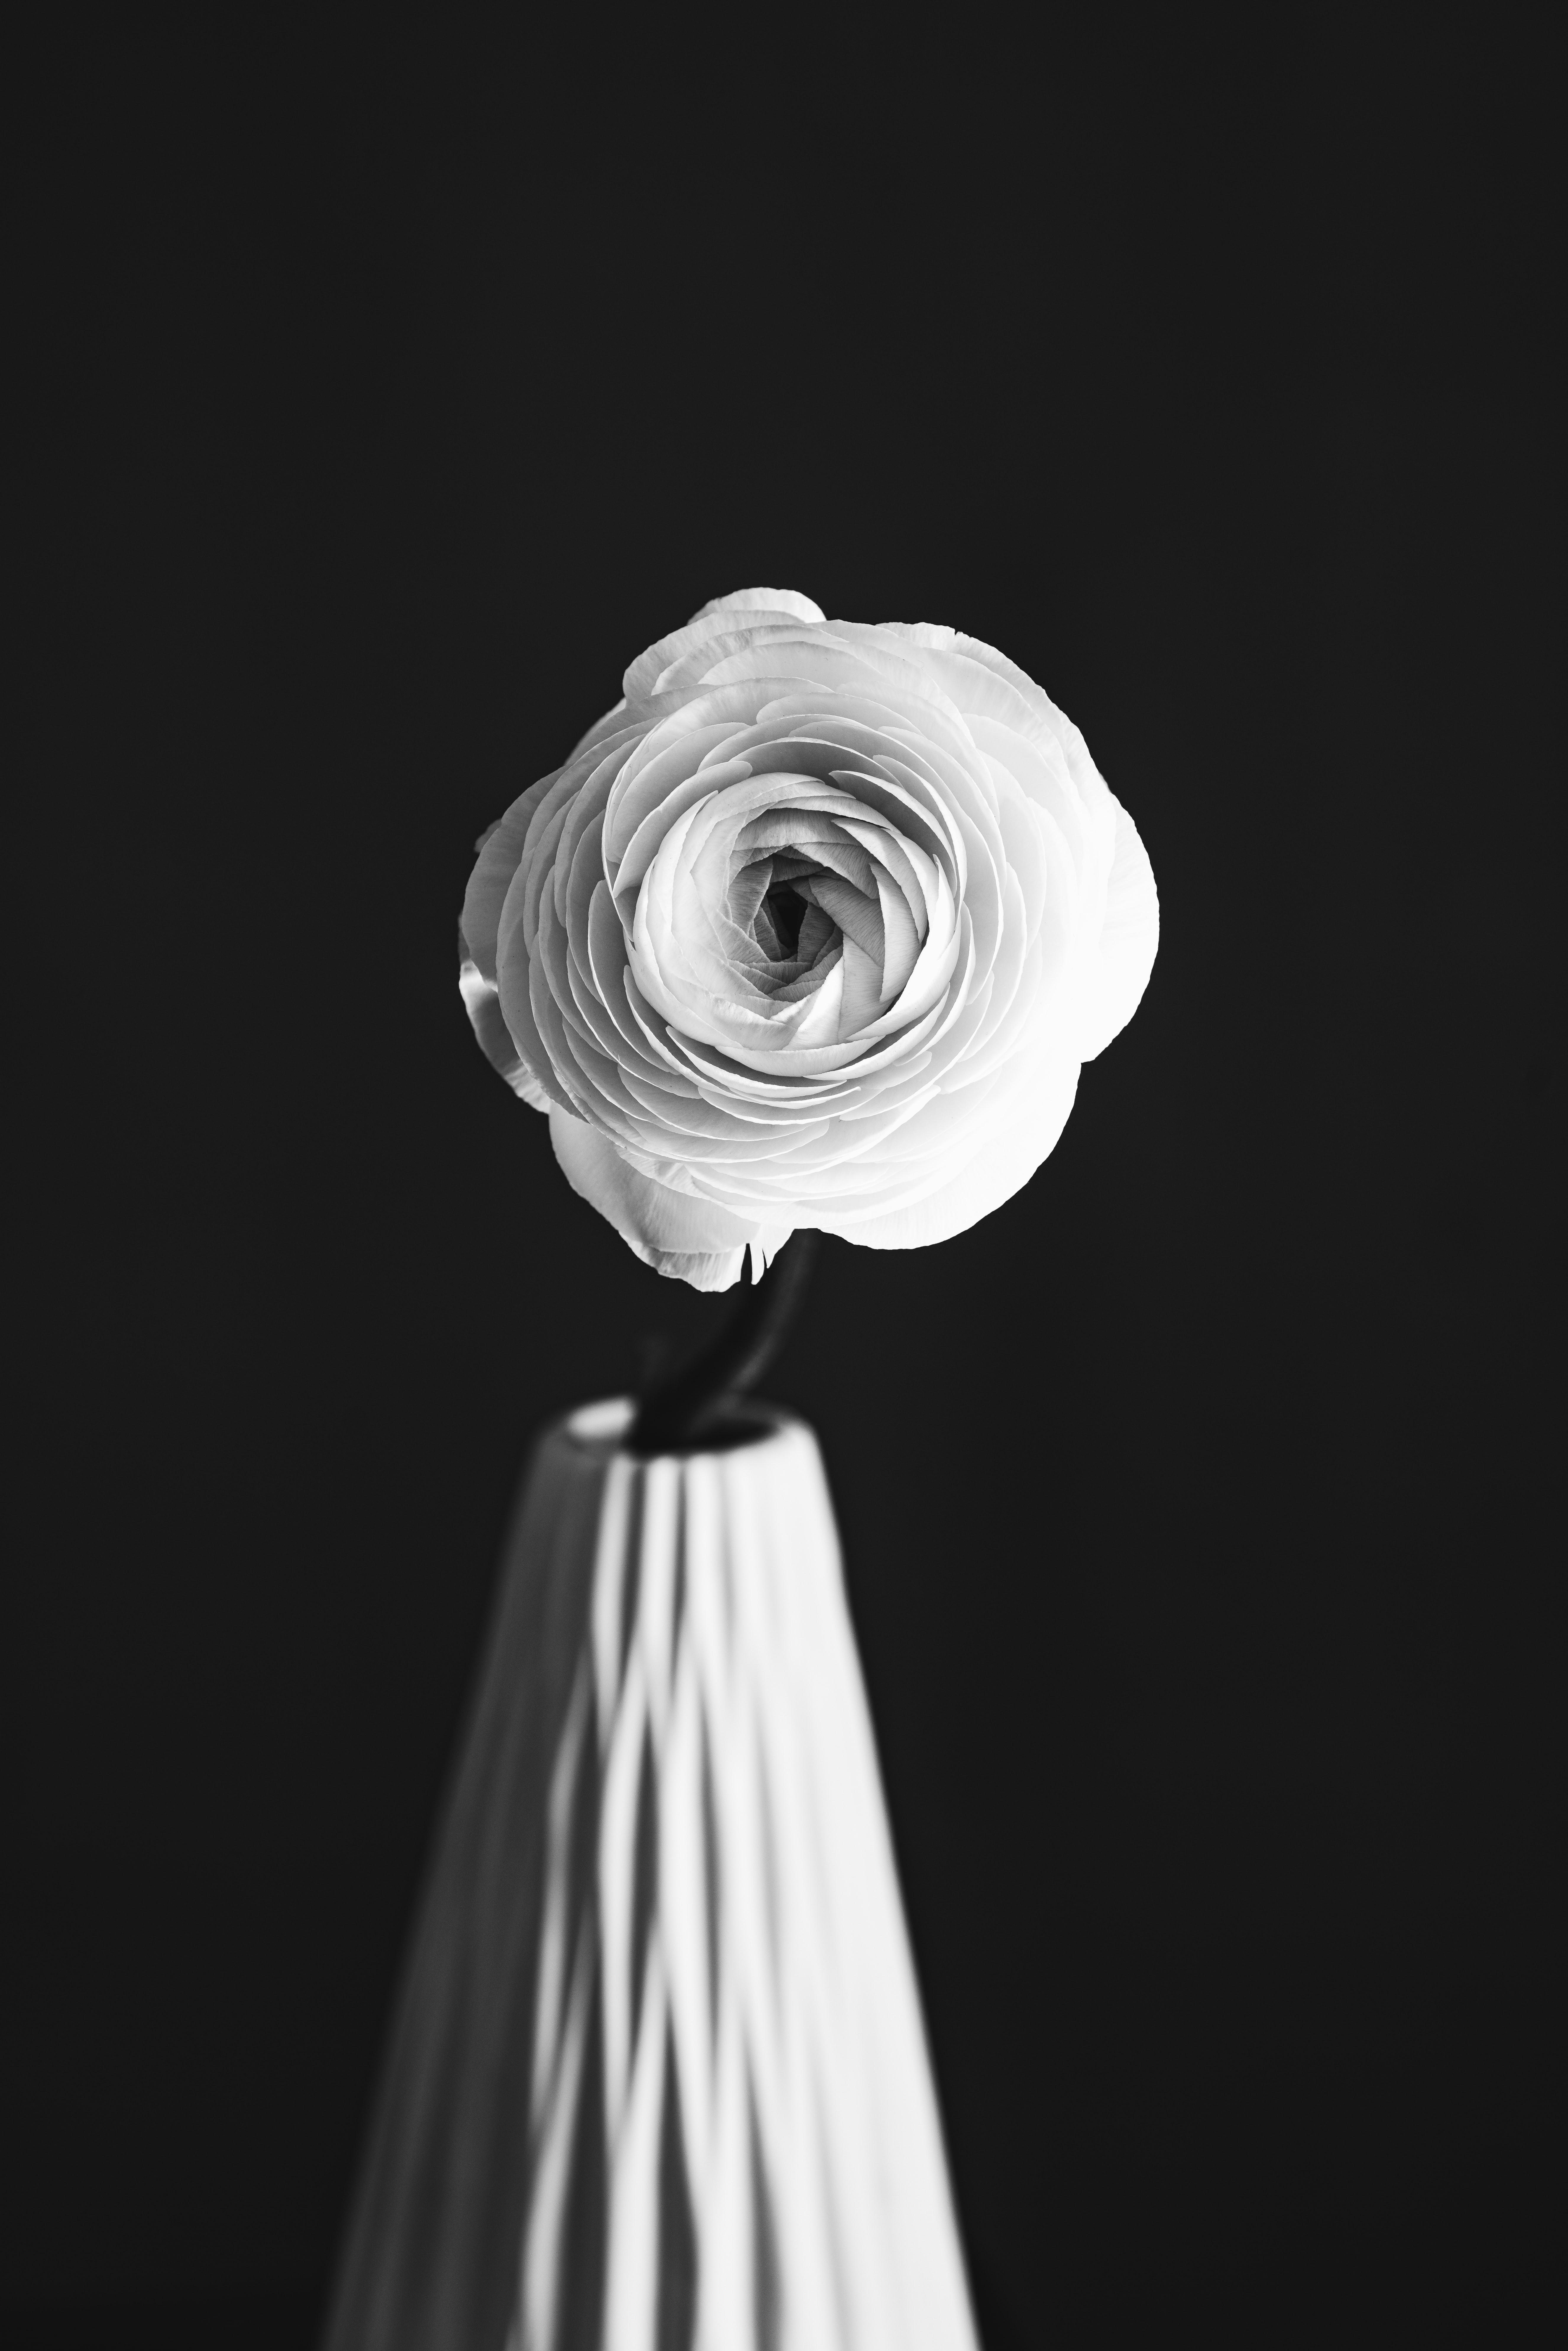 84555 baixar papel de parede Flores, Flor Rosa, Rosa, Flor, Pétalas, Vaso, Preto E Branco, Preto-E-Branco, Bw, Chb - protetores de tela e imagens gratuitamente